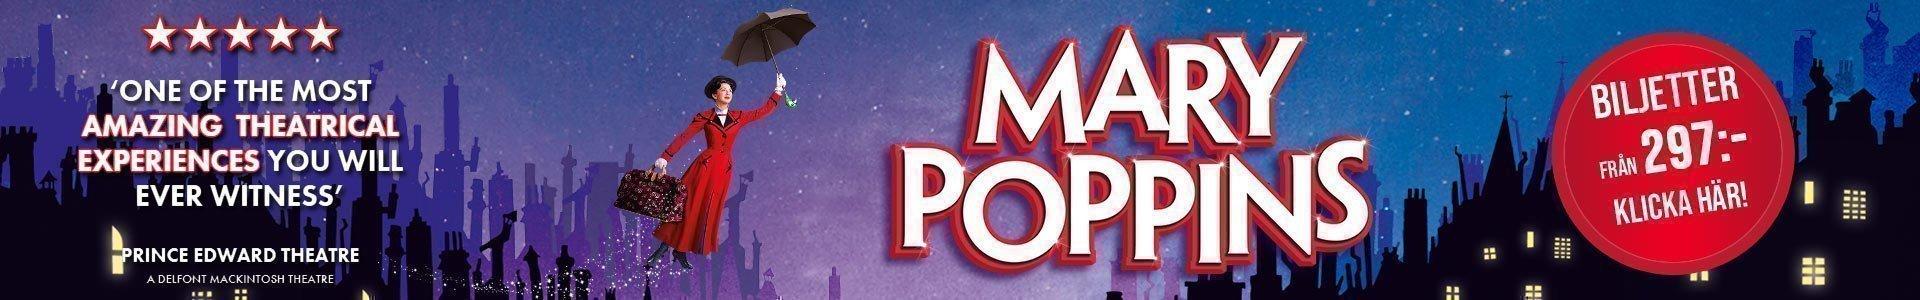 Mary Poppins - London